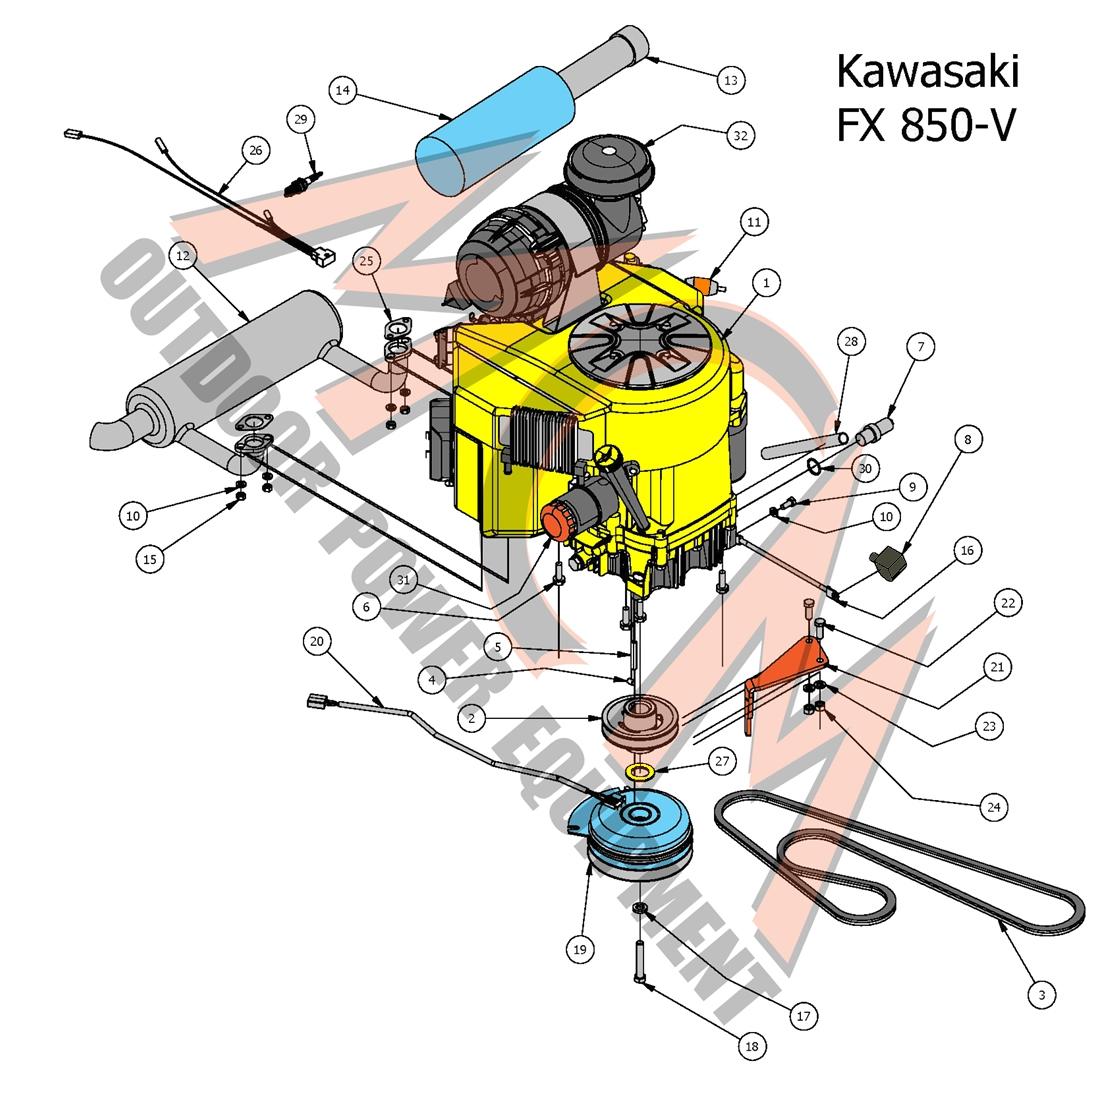 Bad Boy Mower Part, 2017 OUTLAW & OUTLAW EXTREME KAWASAKI ... Kawasaki Fx Va Schematic Diagram on